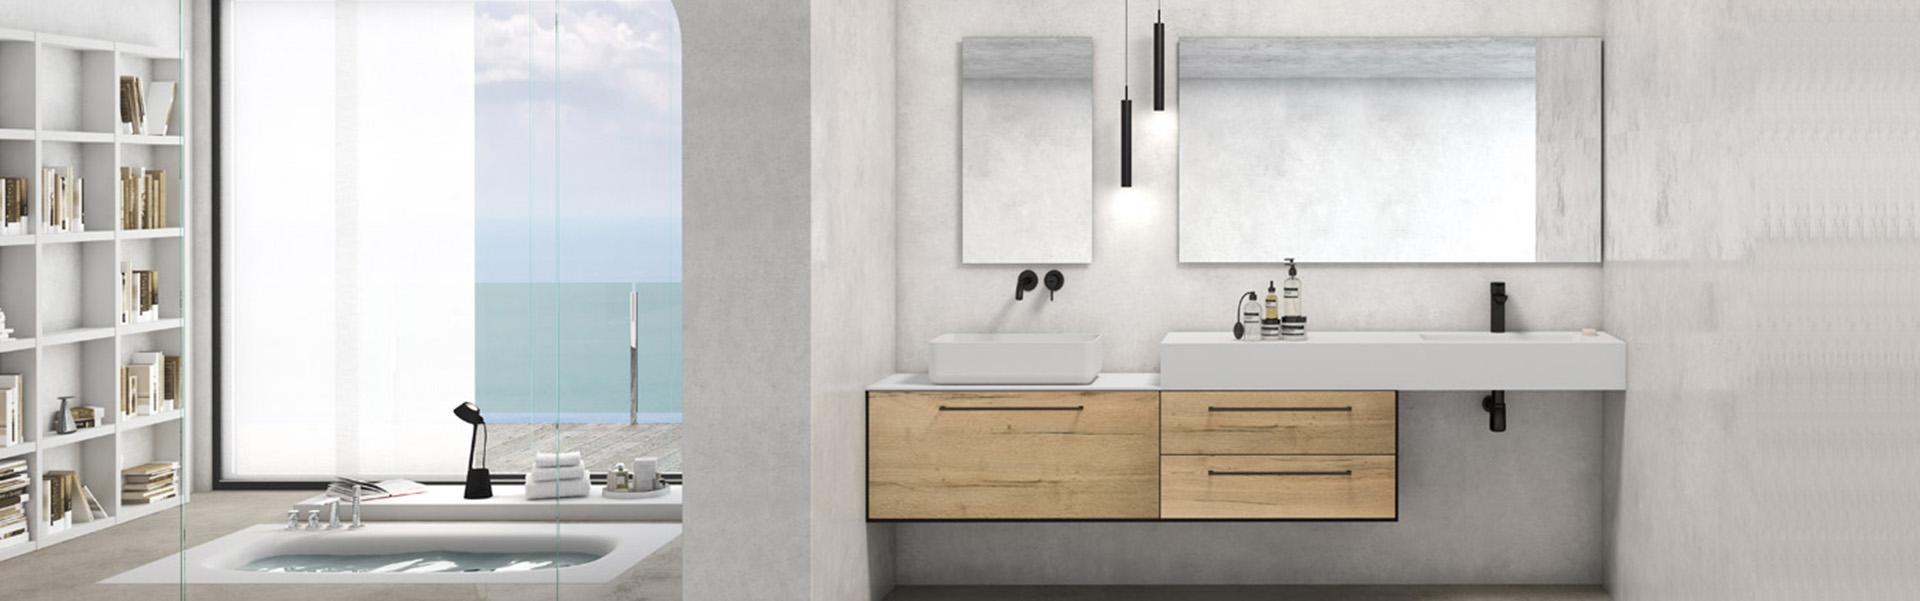 Baños muebles diseño moderno madera blanco suspendido colgado Trecoam